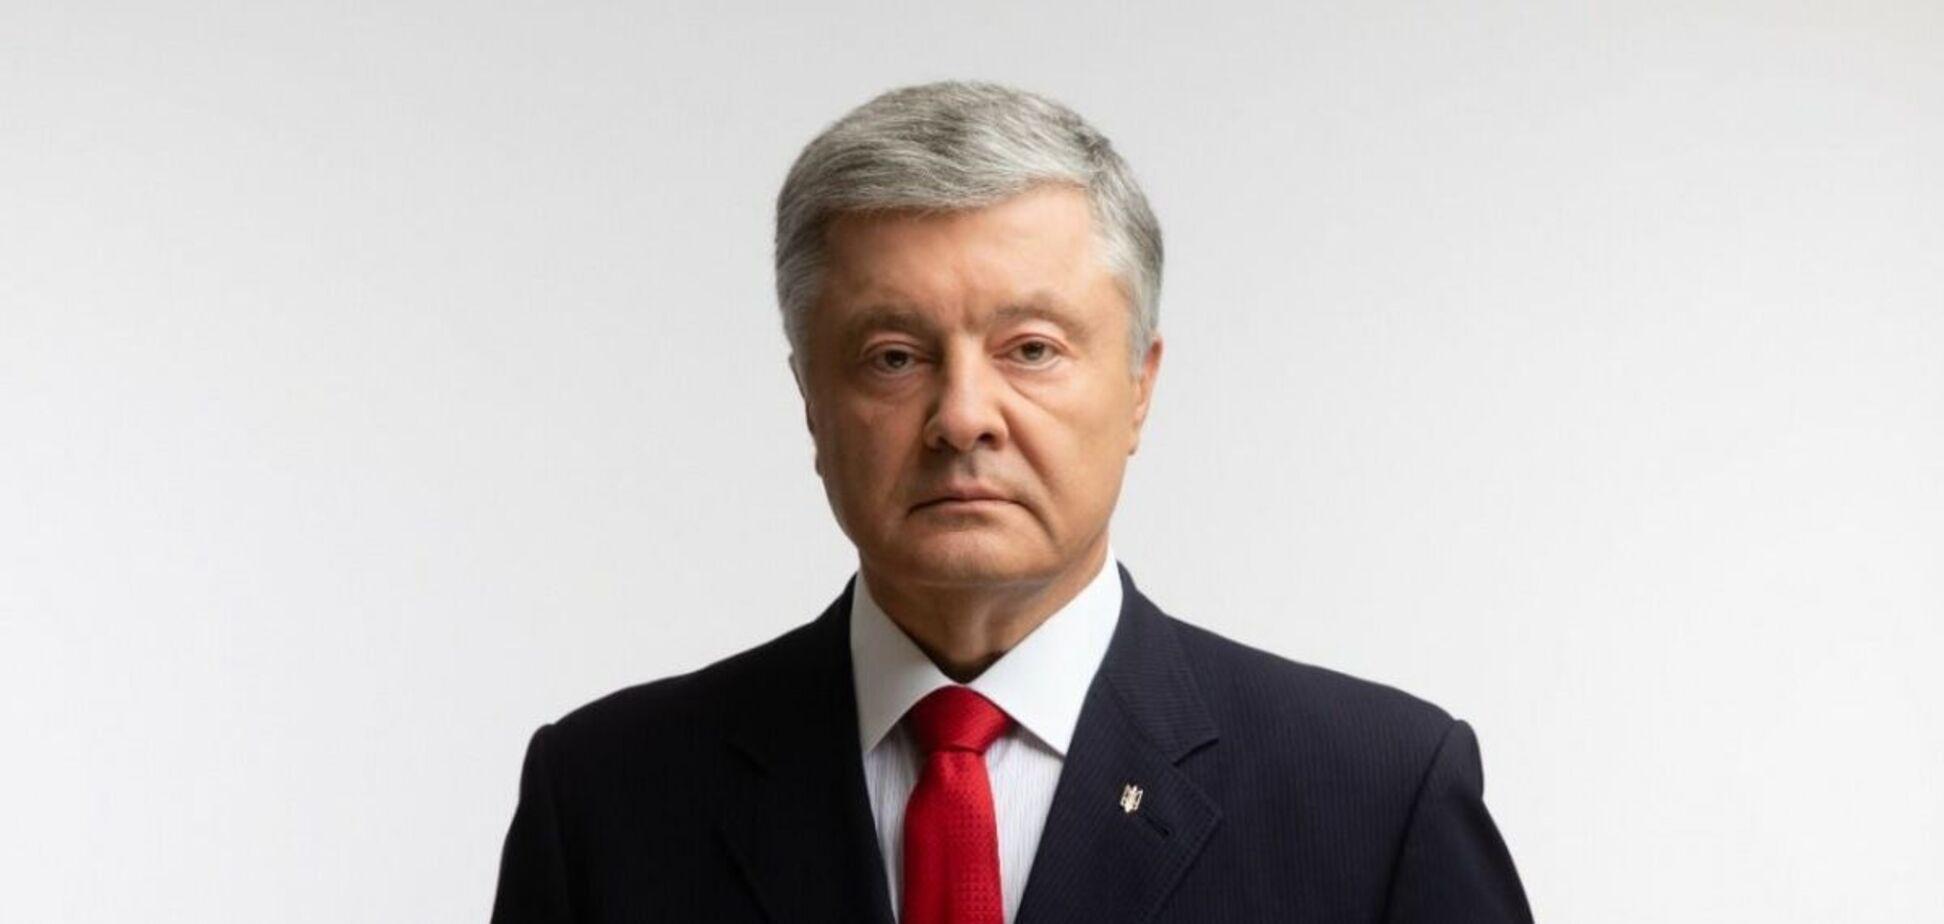 Порошенко: російська 'паспортизація' українців вимагає реакції влади